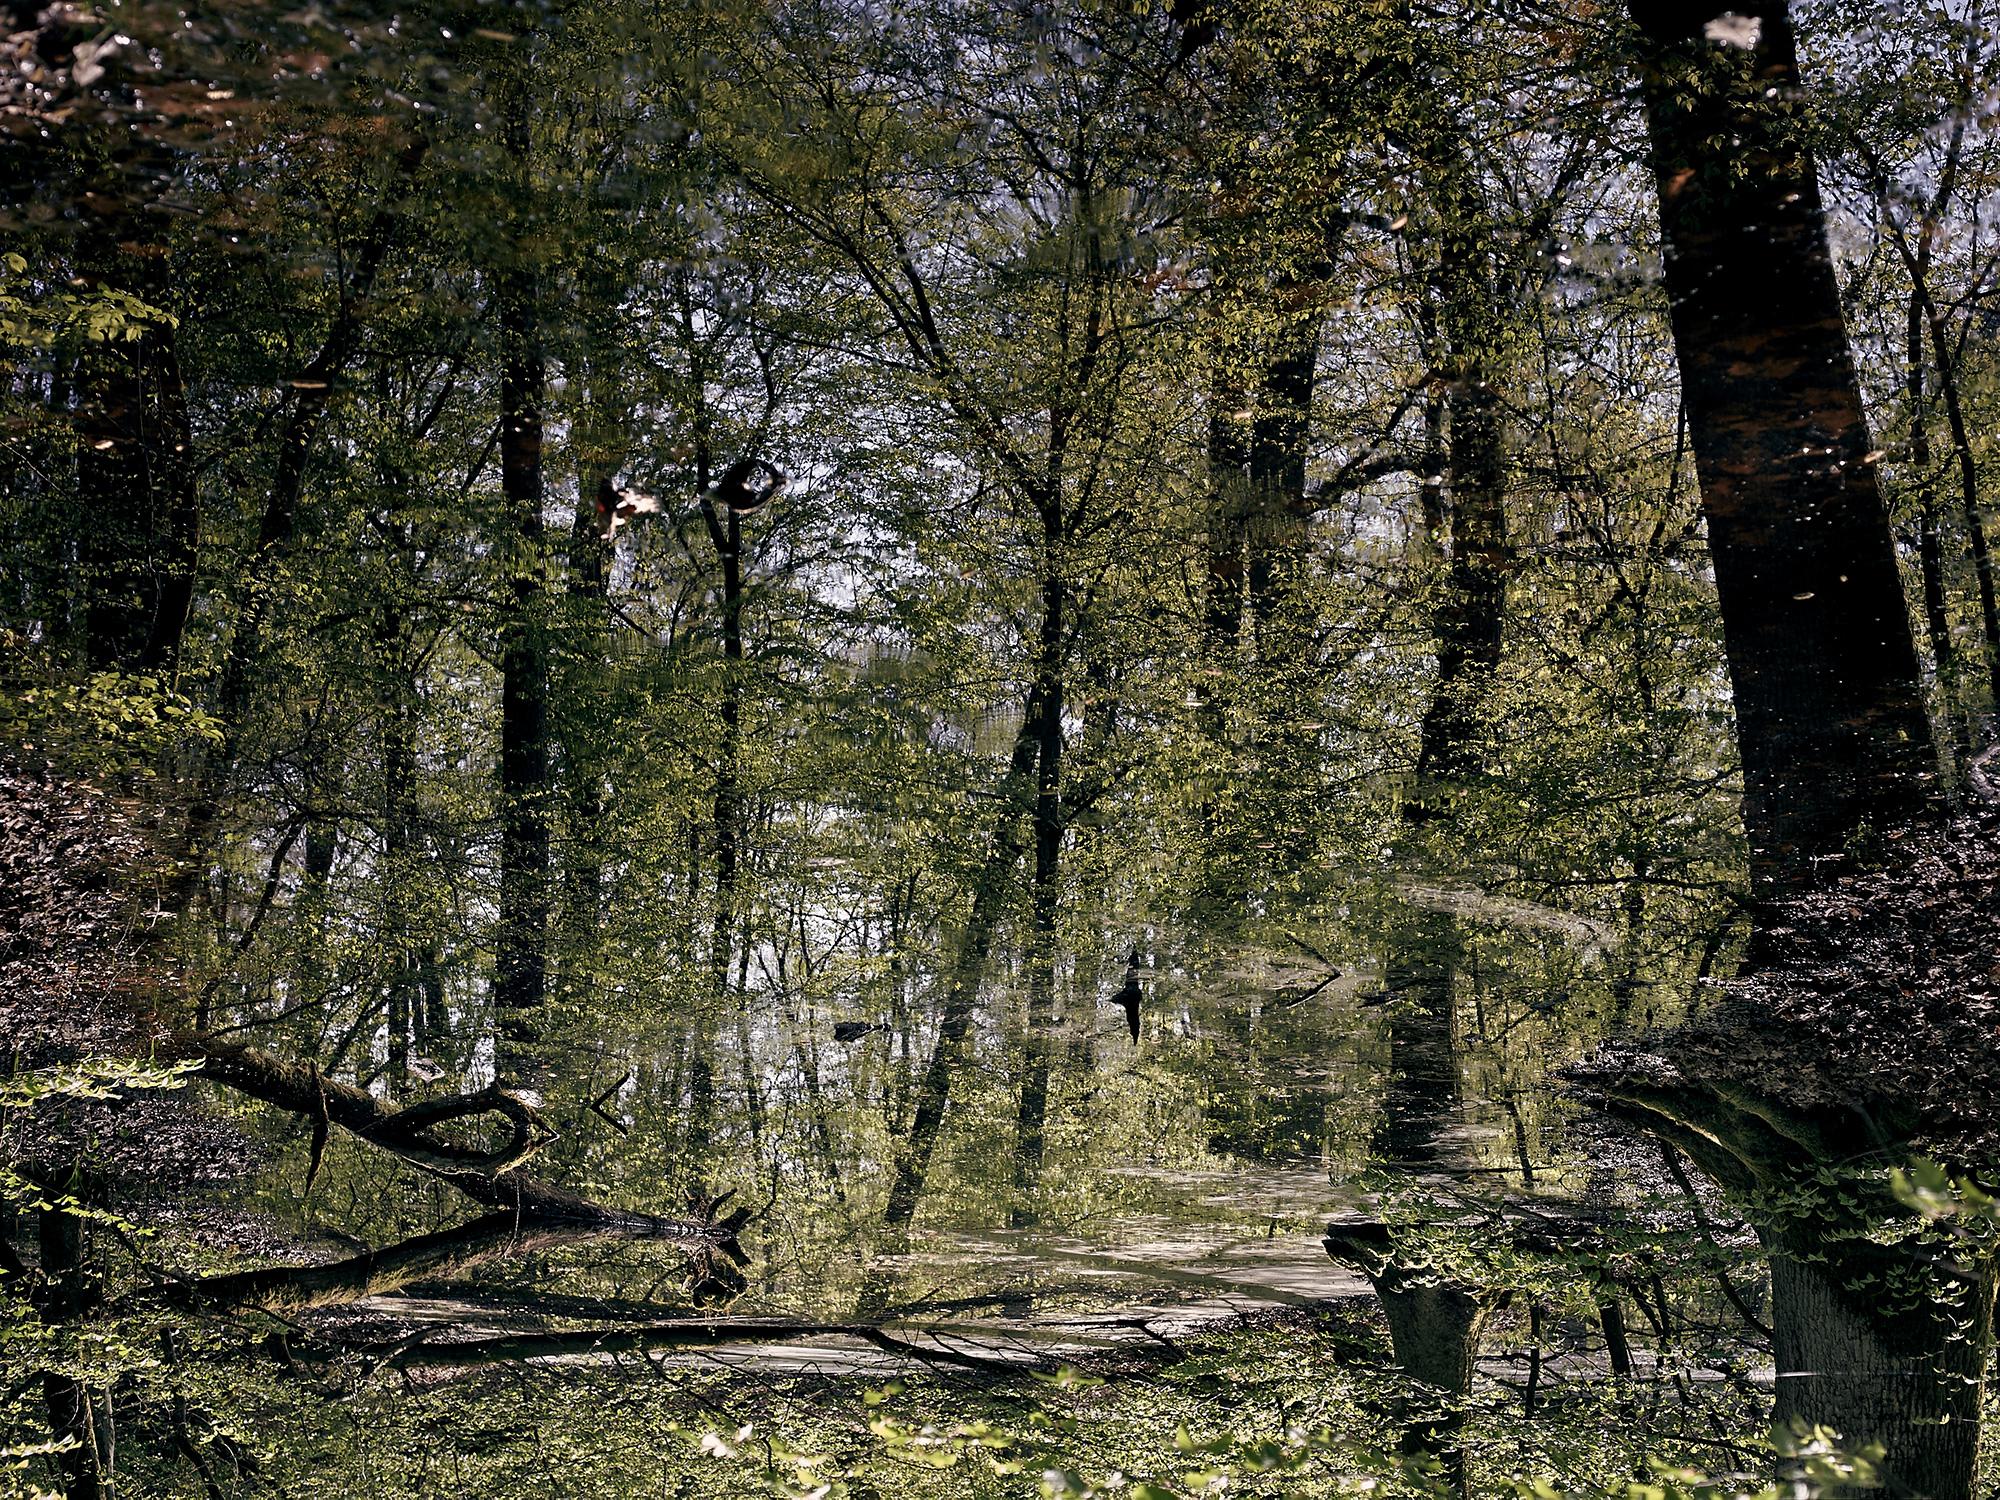 Die Fotografie zeigt eine Waldaufnahme, mit hellgrünen Tönen und dunklen Baumstämmen an den Seiten.